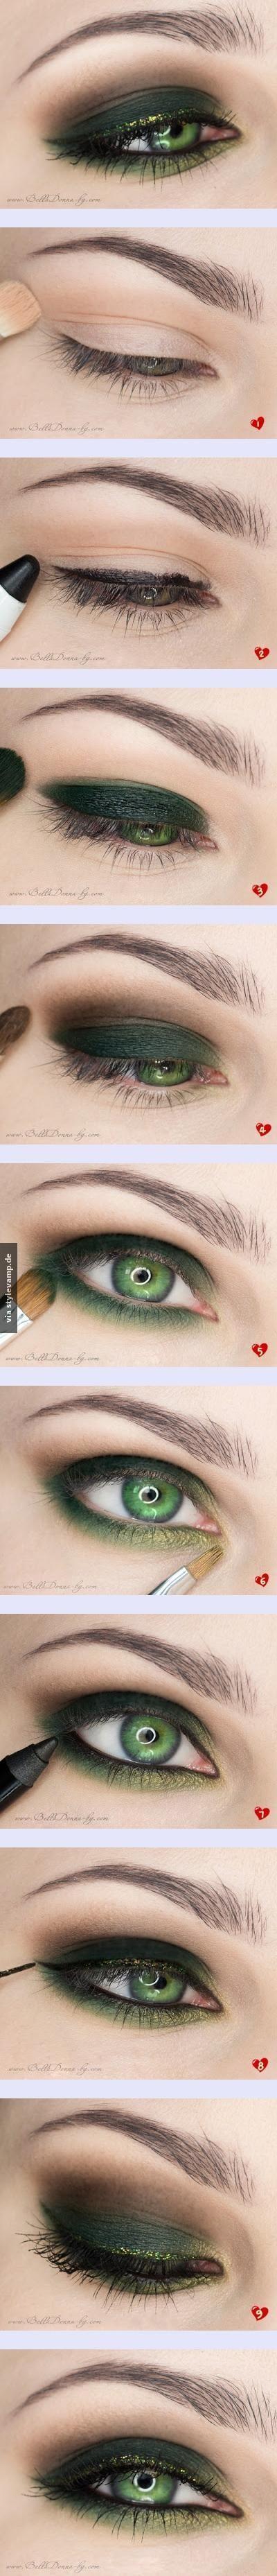 Tolles Augenmake-Up besonders für grüne Augen